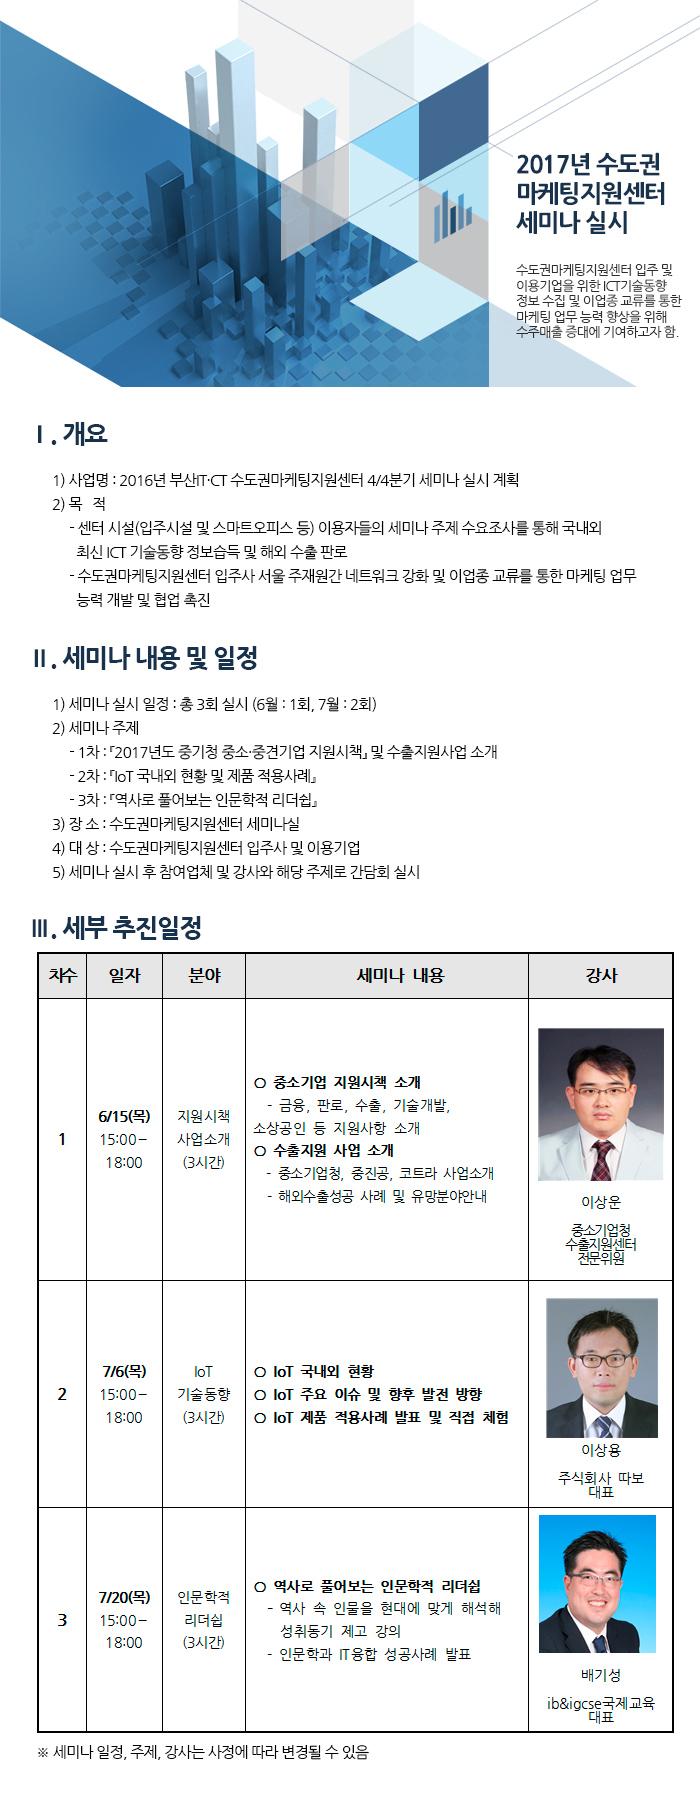 [부산ITㆍCT수도권마케팅지원센터] 2017년 수도권 마케팅지원센터 세미나 실시